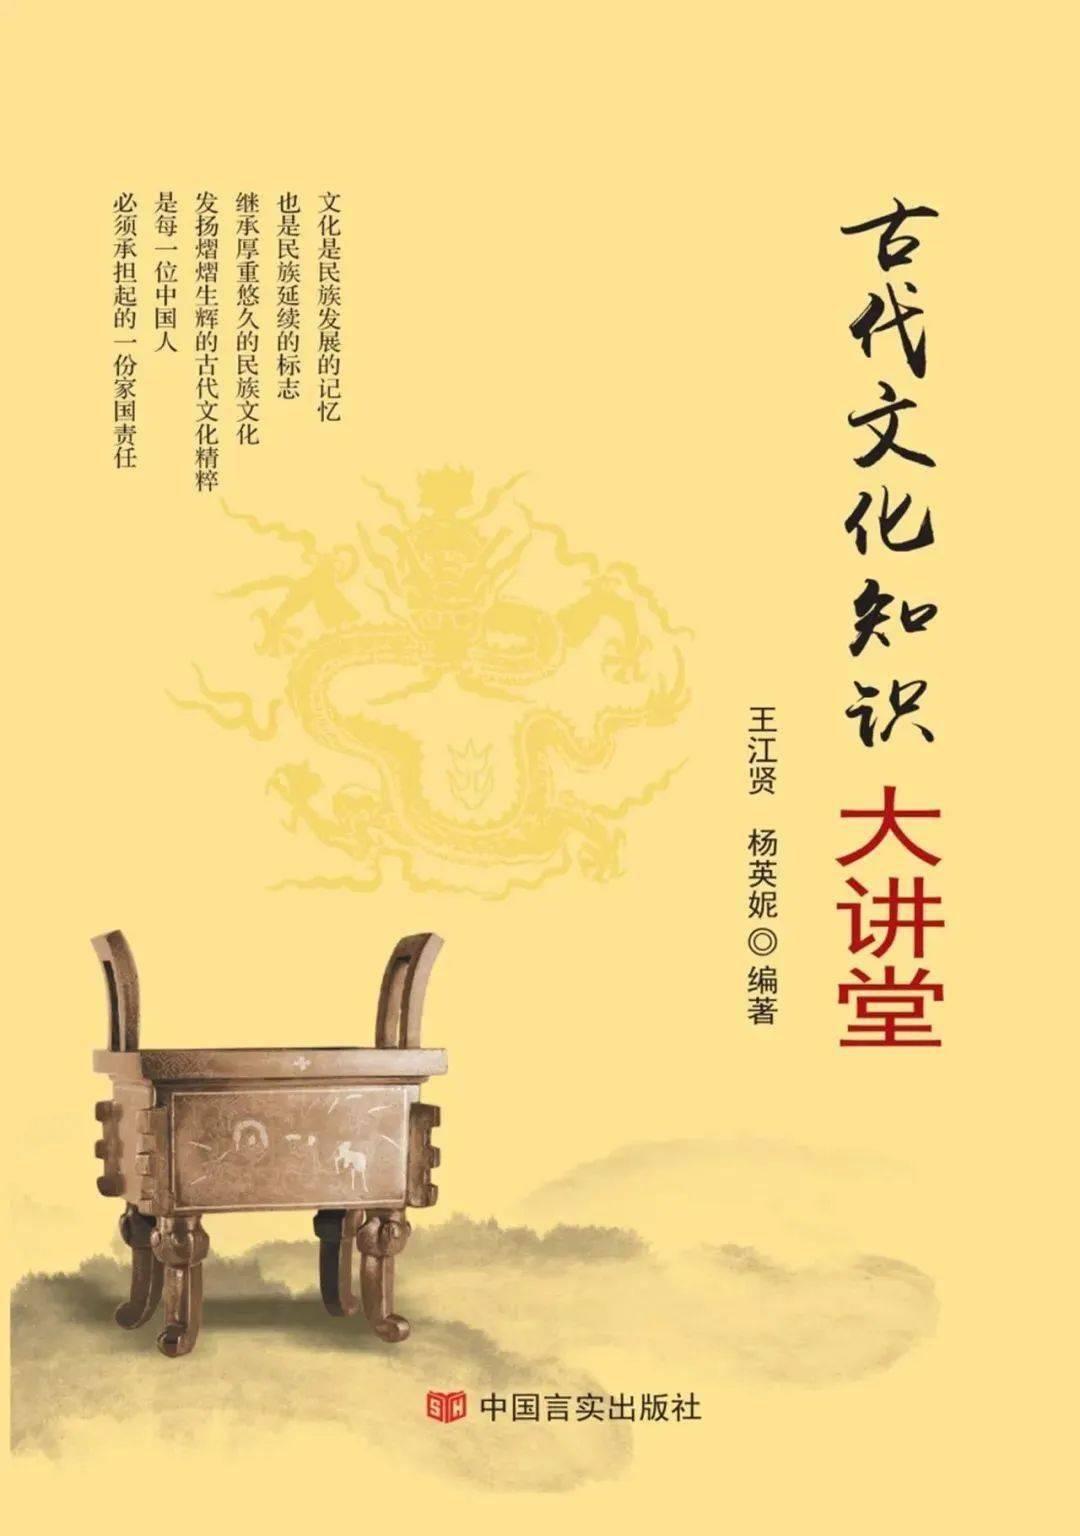 杏花烟雨江南图片